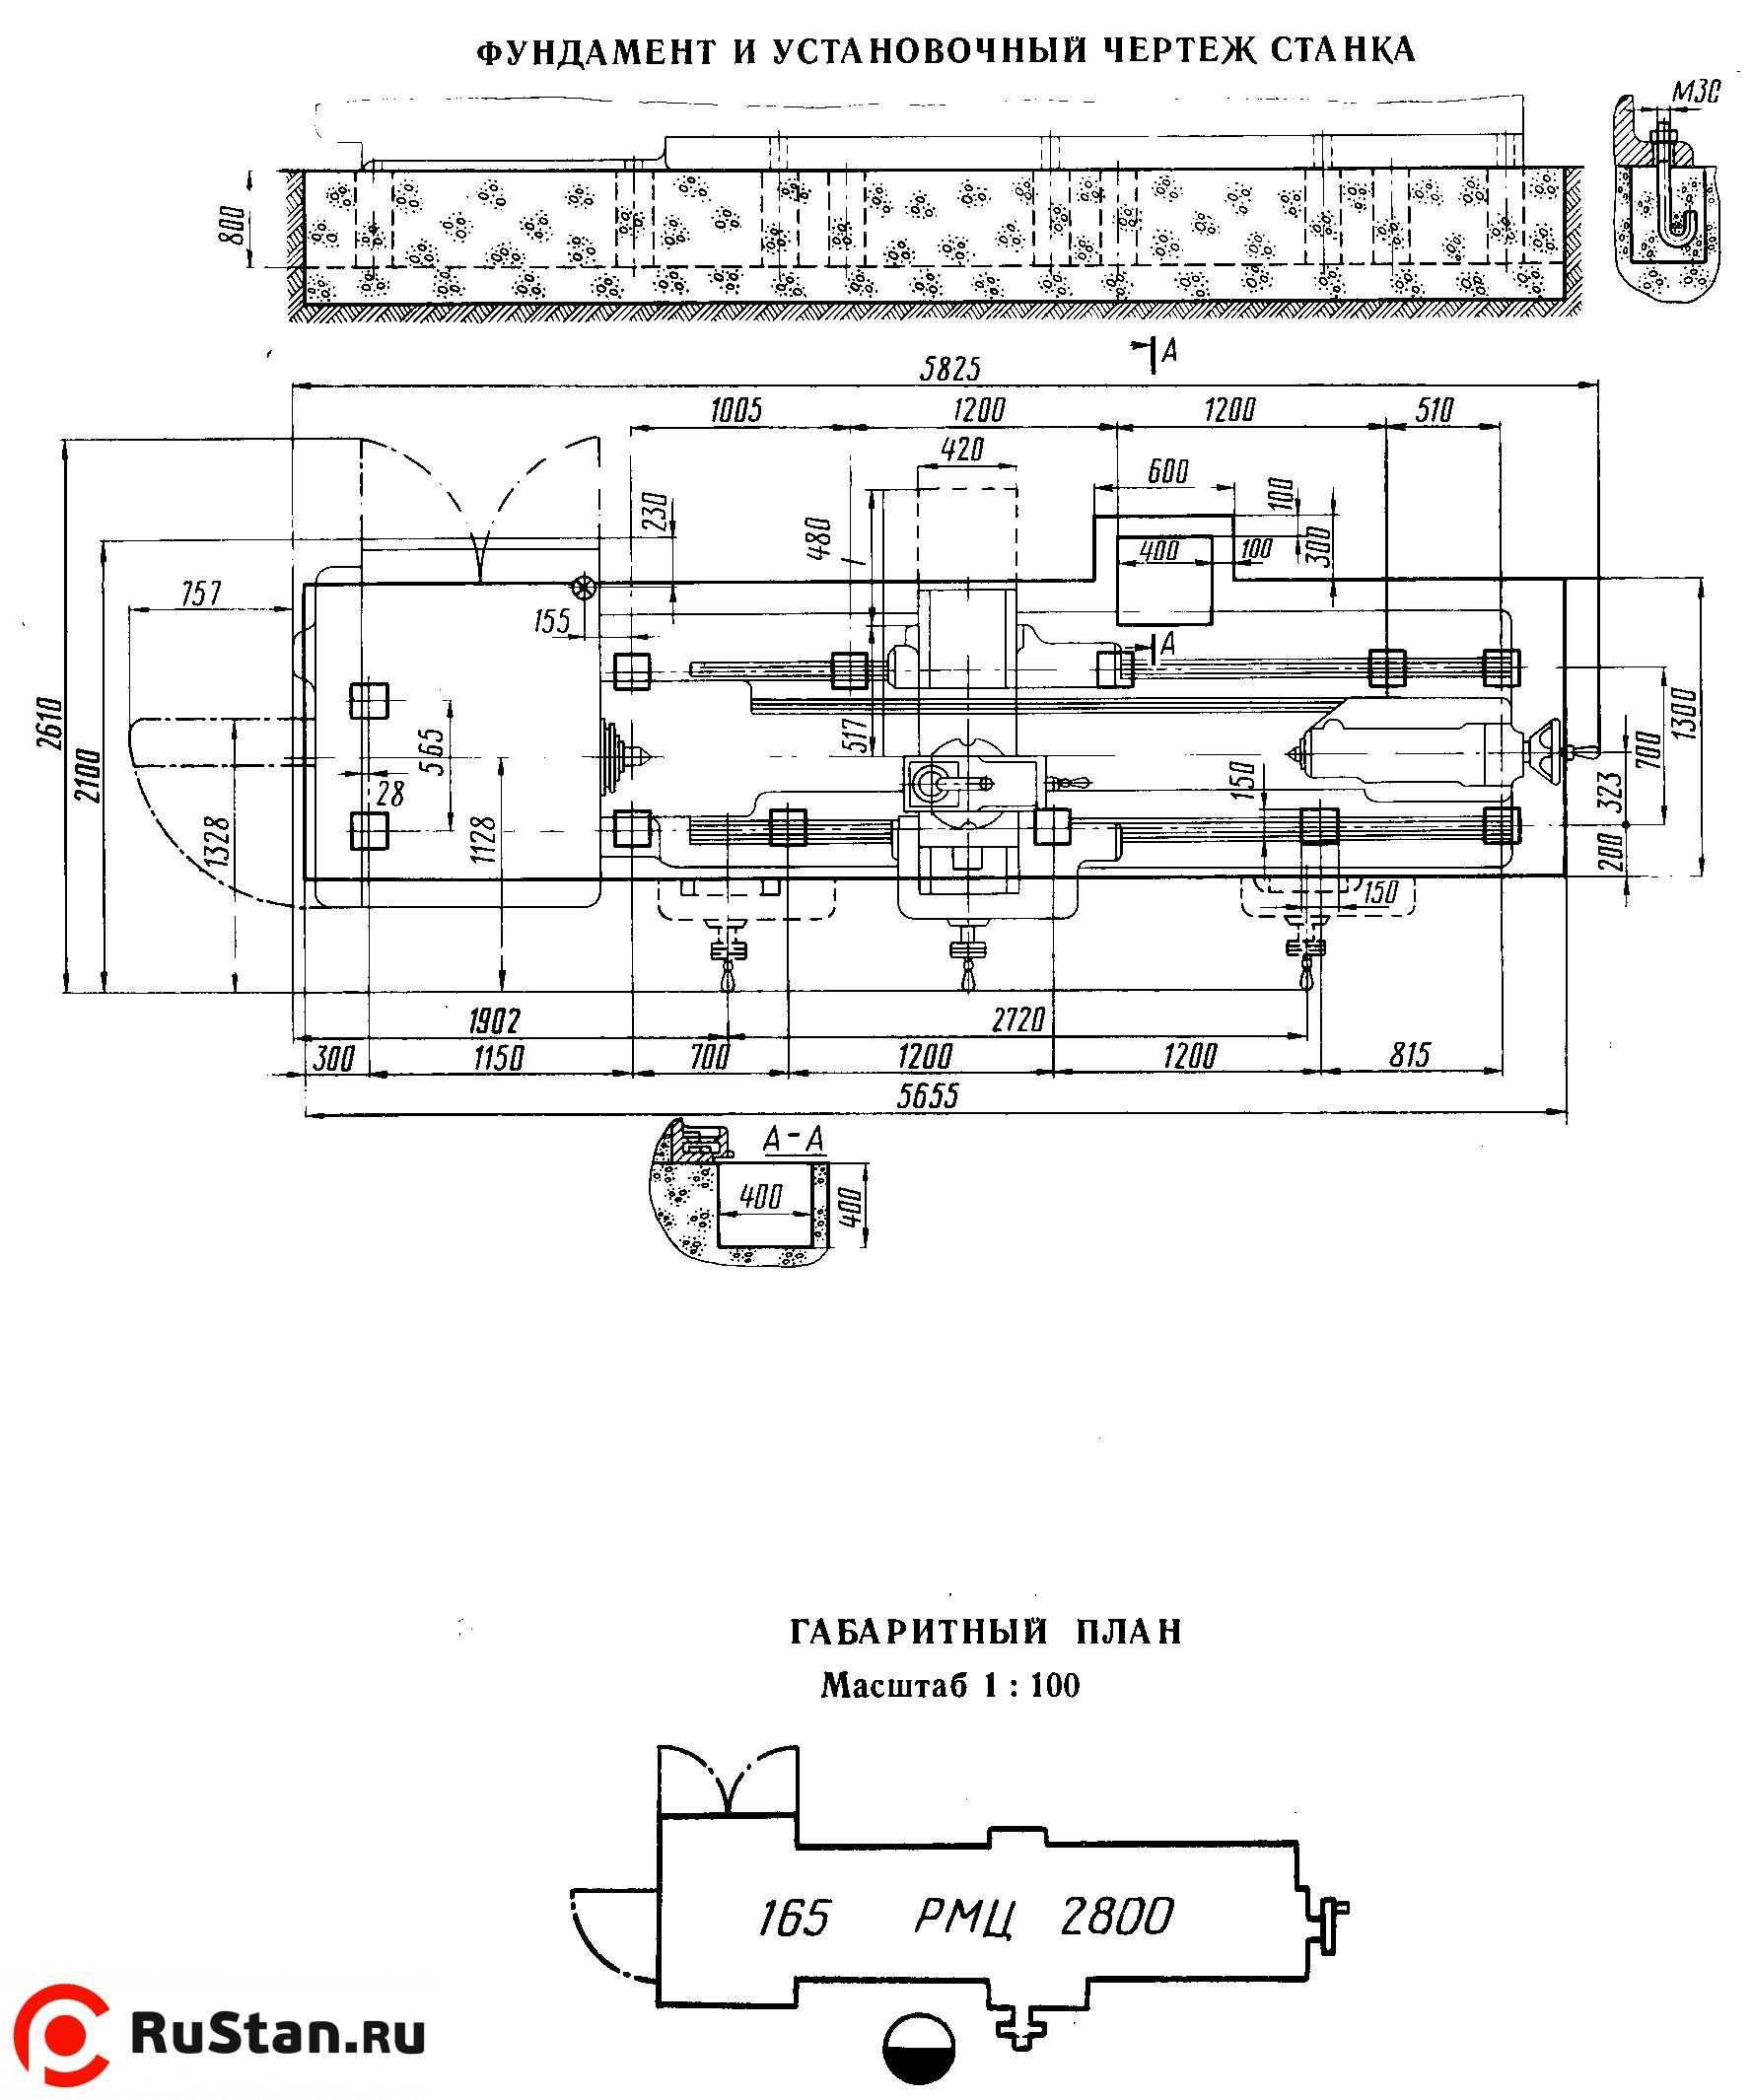 Подготовка фундамента для токарных станков